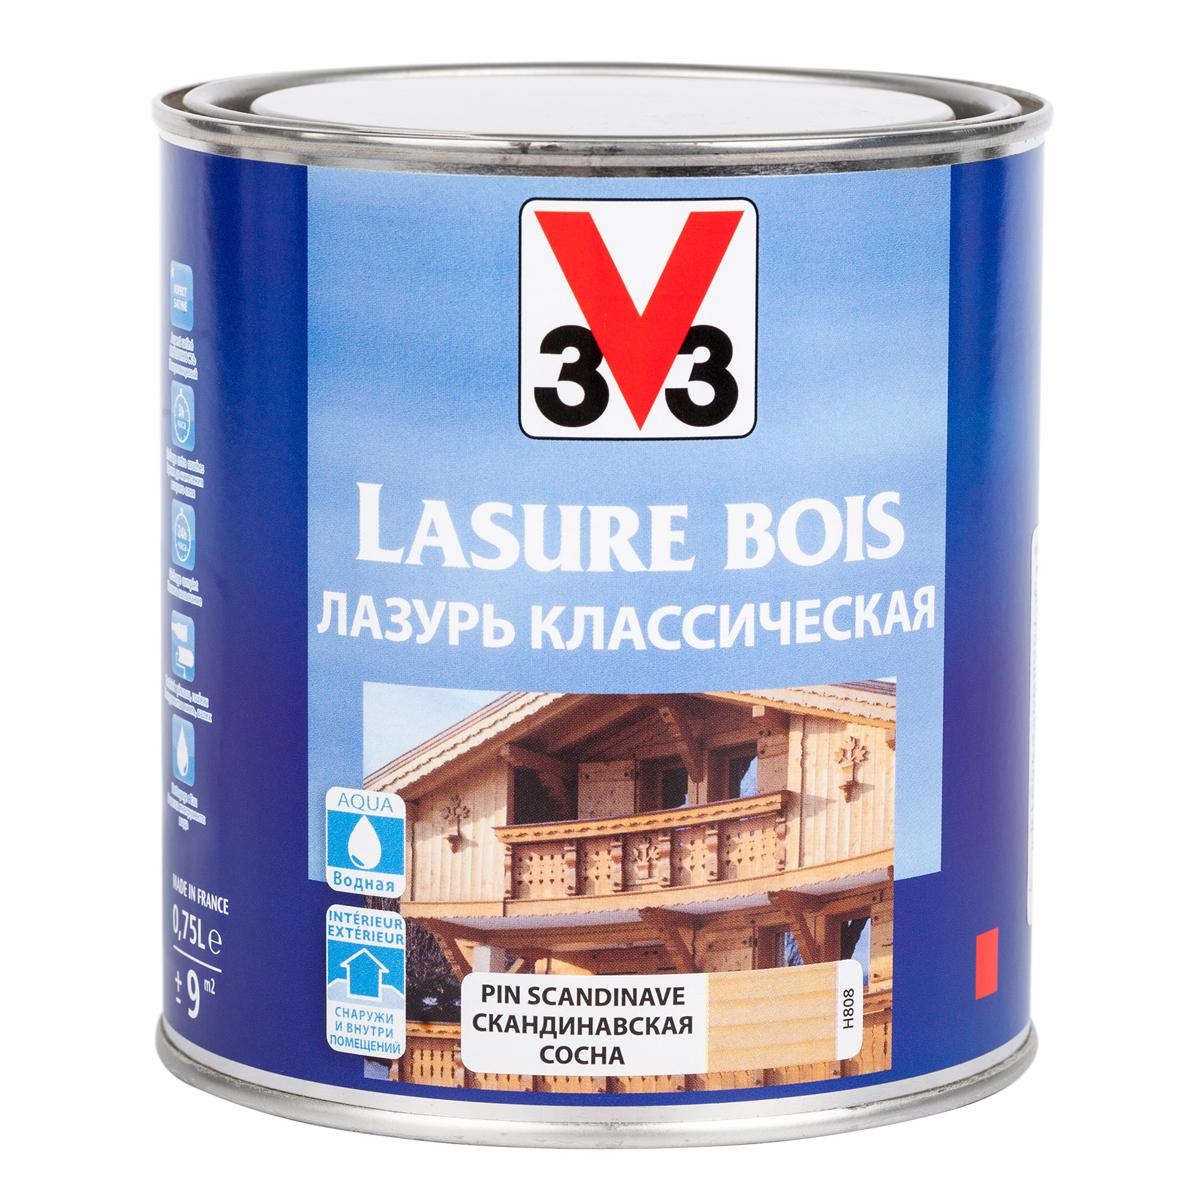 """Лазурь для защиты древесины V33 """"Классическая"""", цвет: скандинавская сосна, на водной основе, 750 мл 51806"""